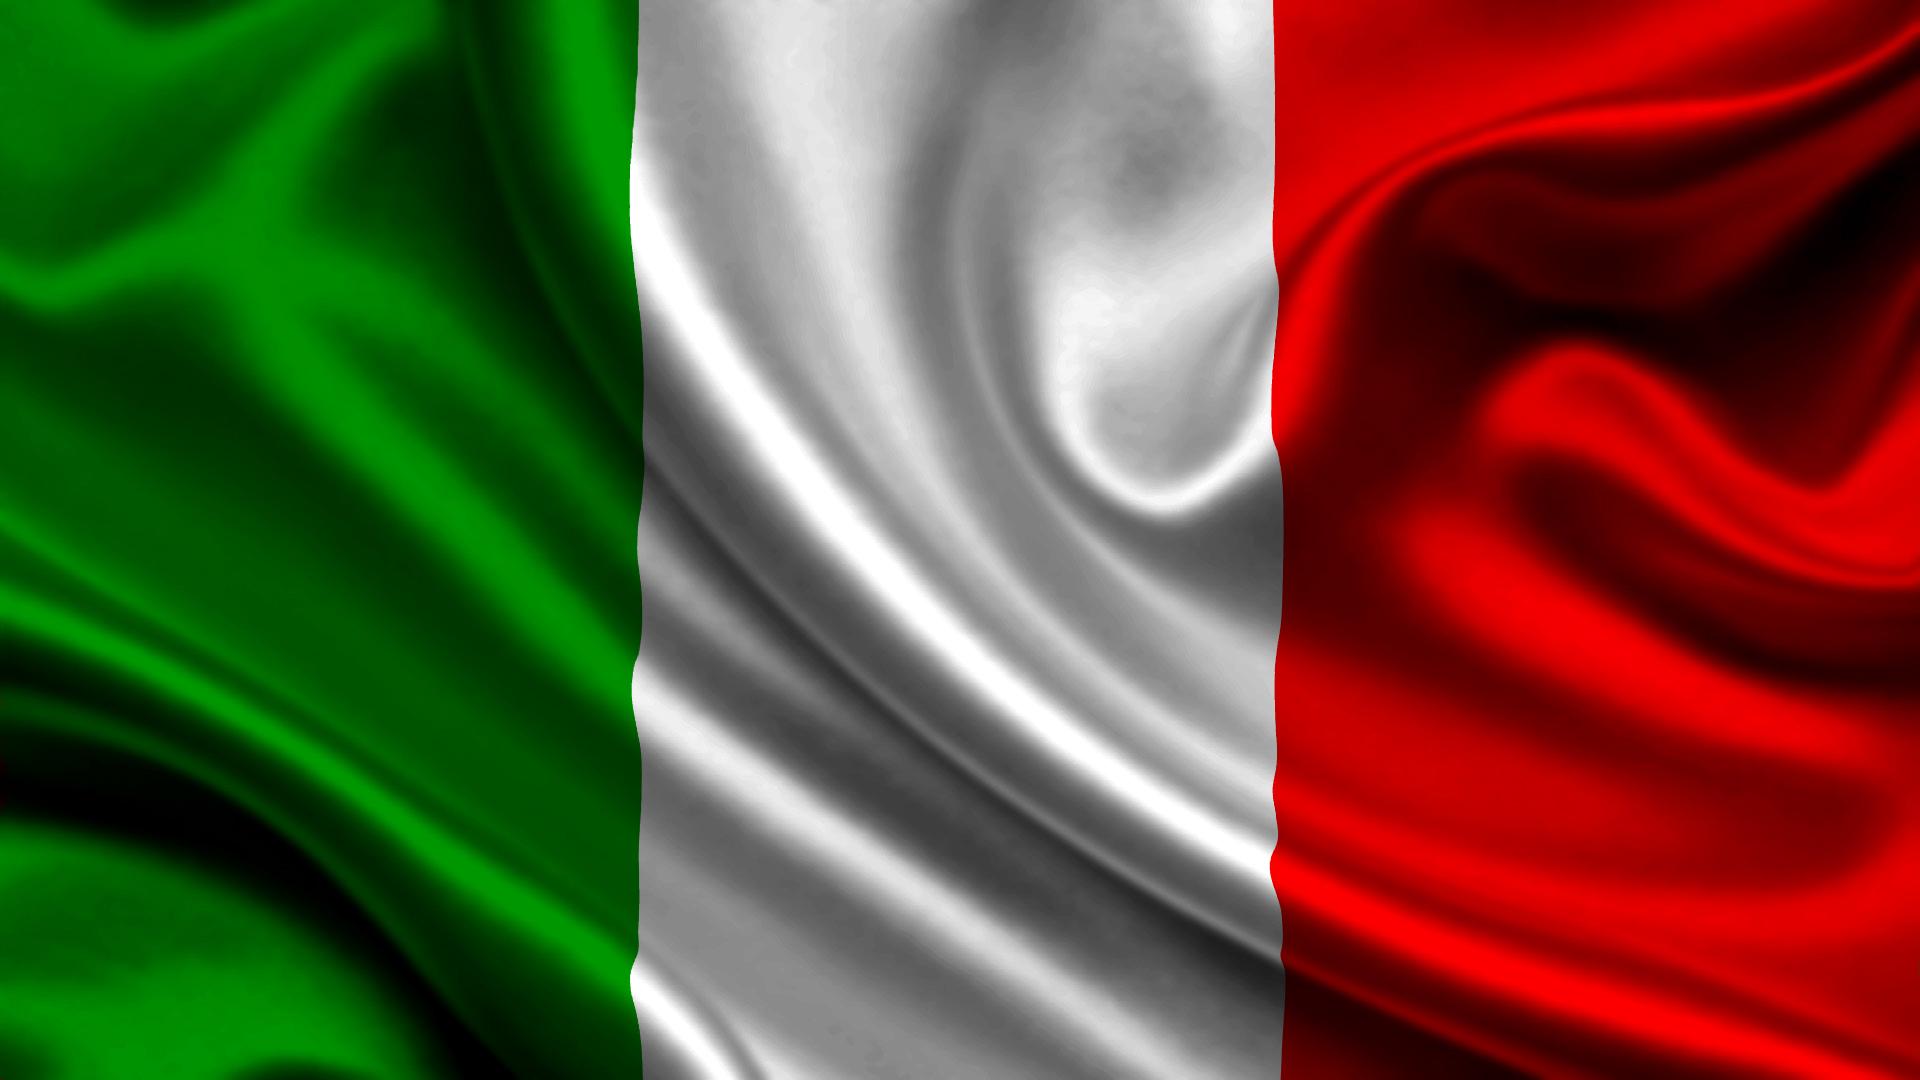 Curso grátis de italiano Aprender italiano grátis